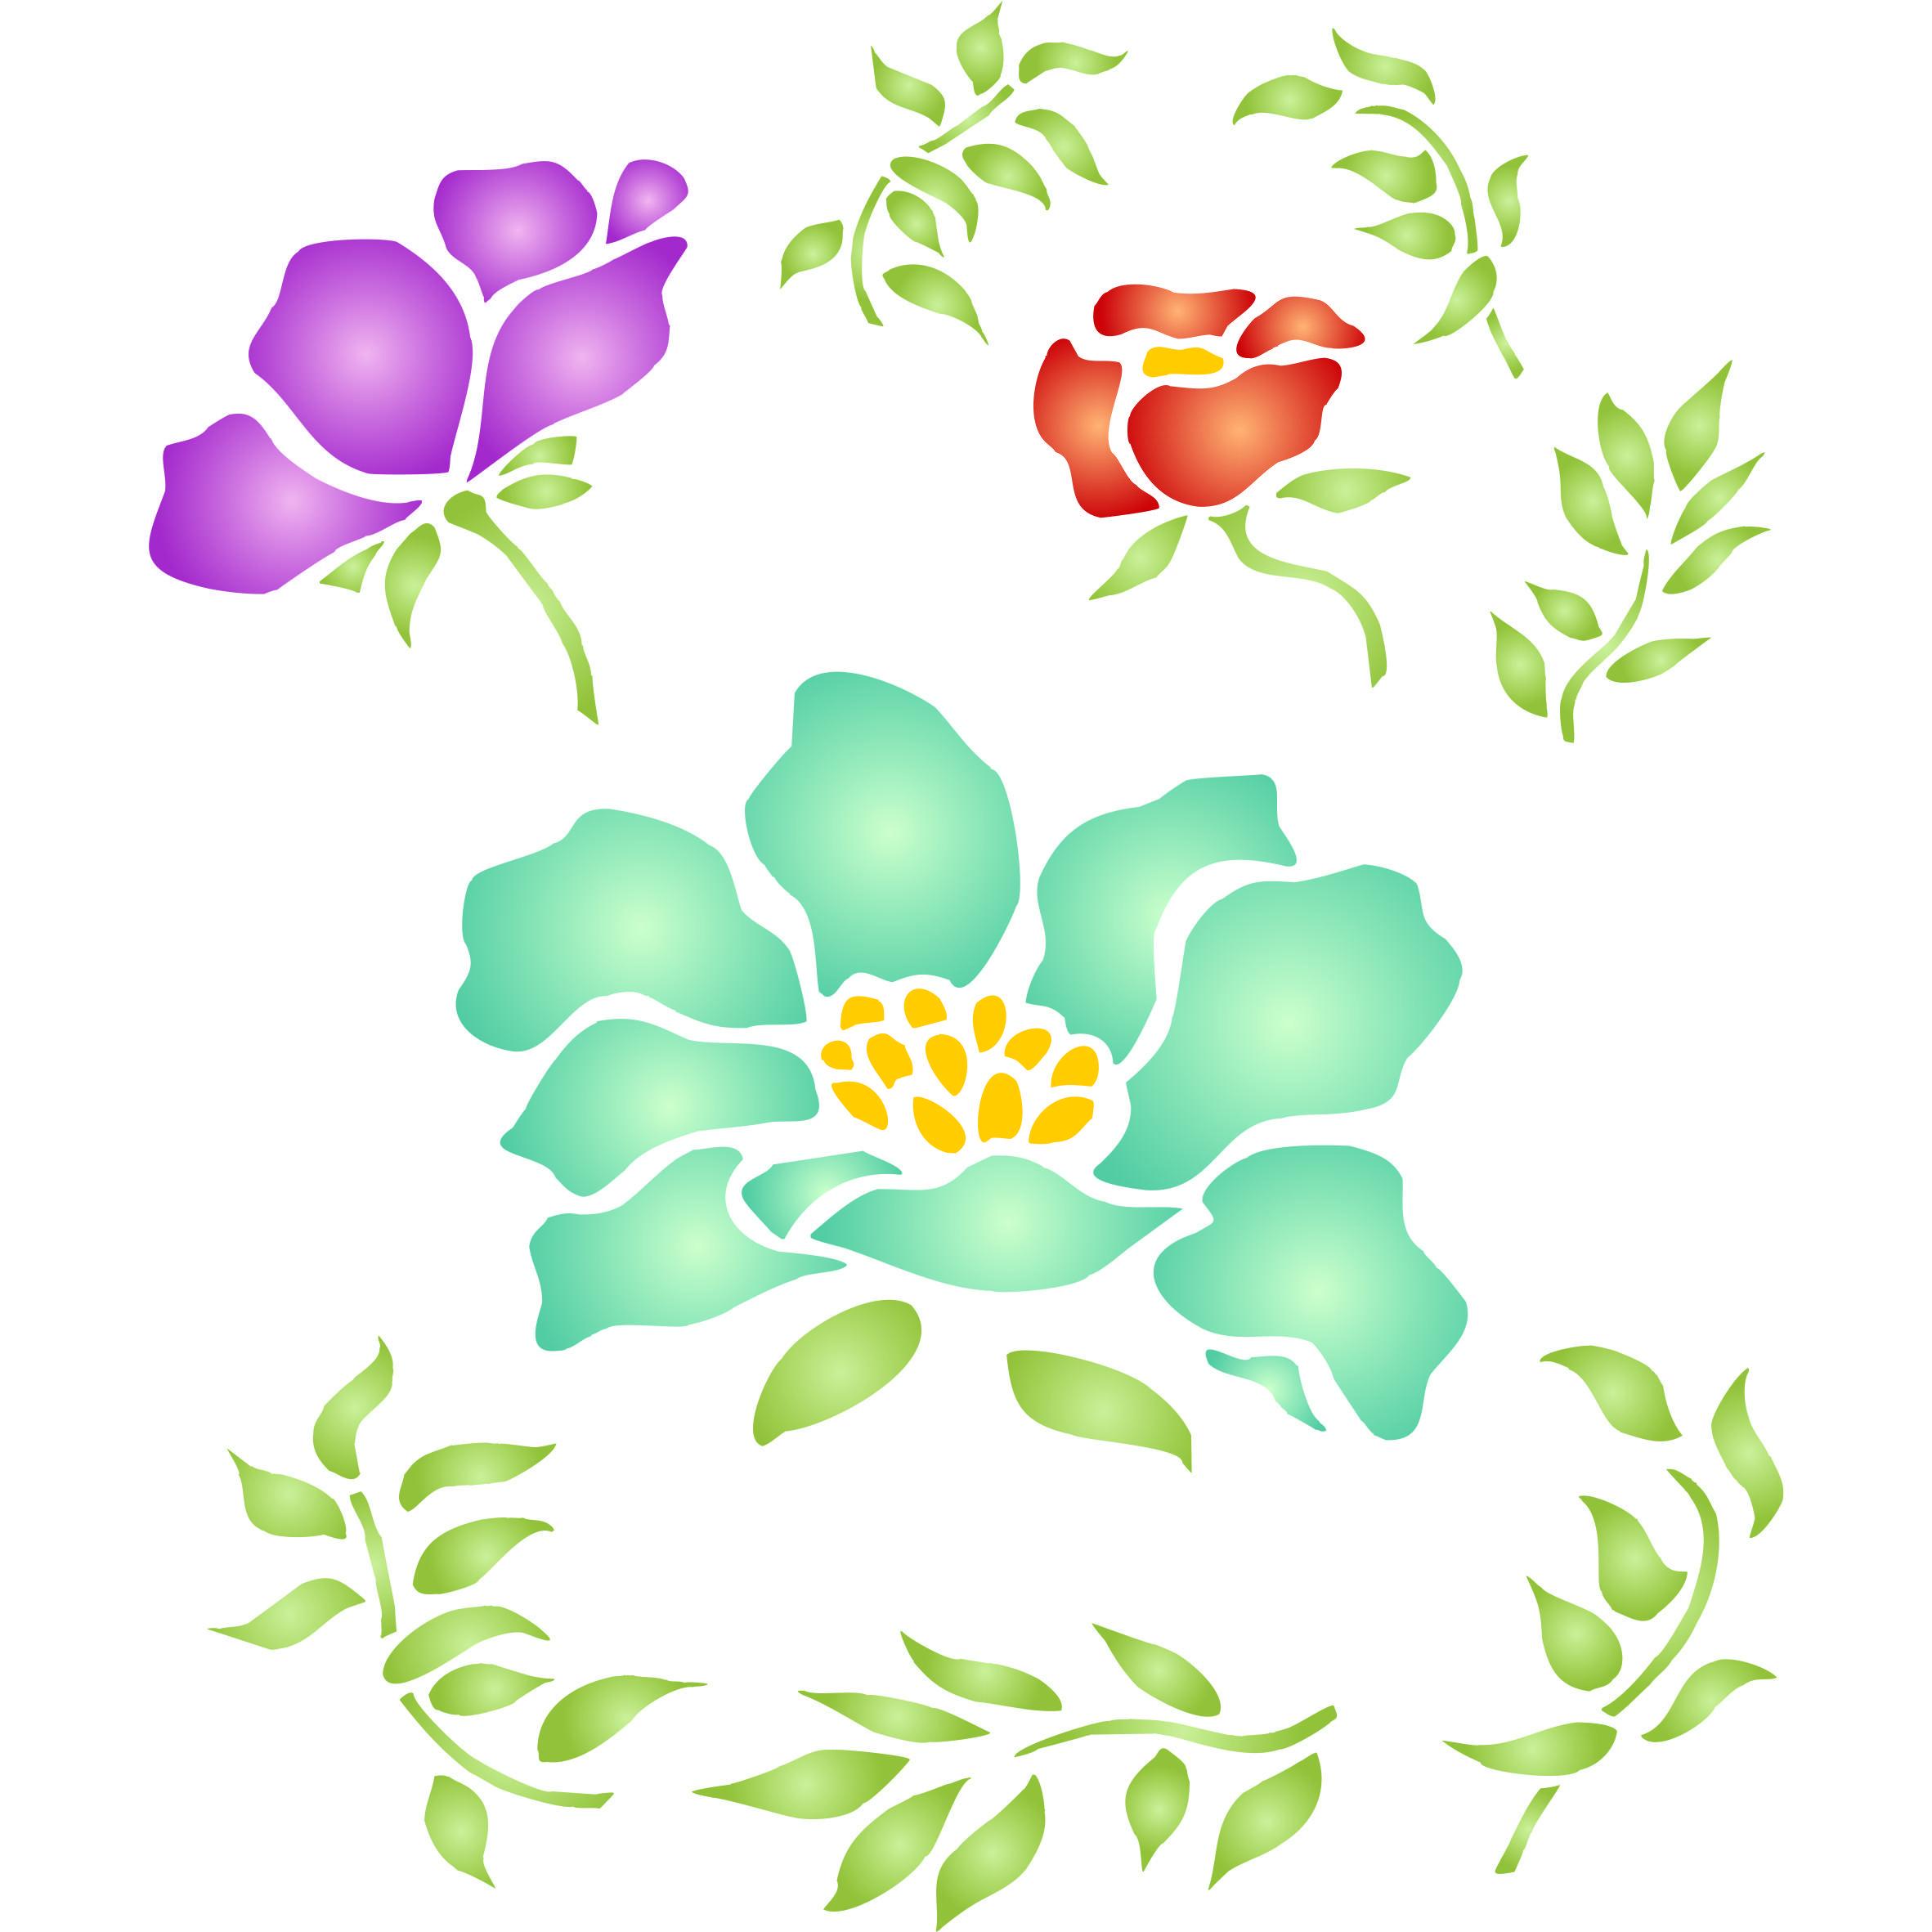 Flowers stencihttpamazondpb01fm0zrhsm flowers stencihttpamazondpb01fm0zrhs wall stencils amipublicfo Gallery